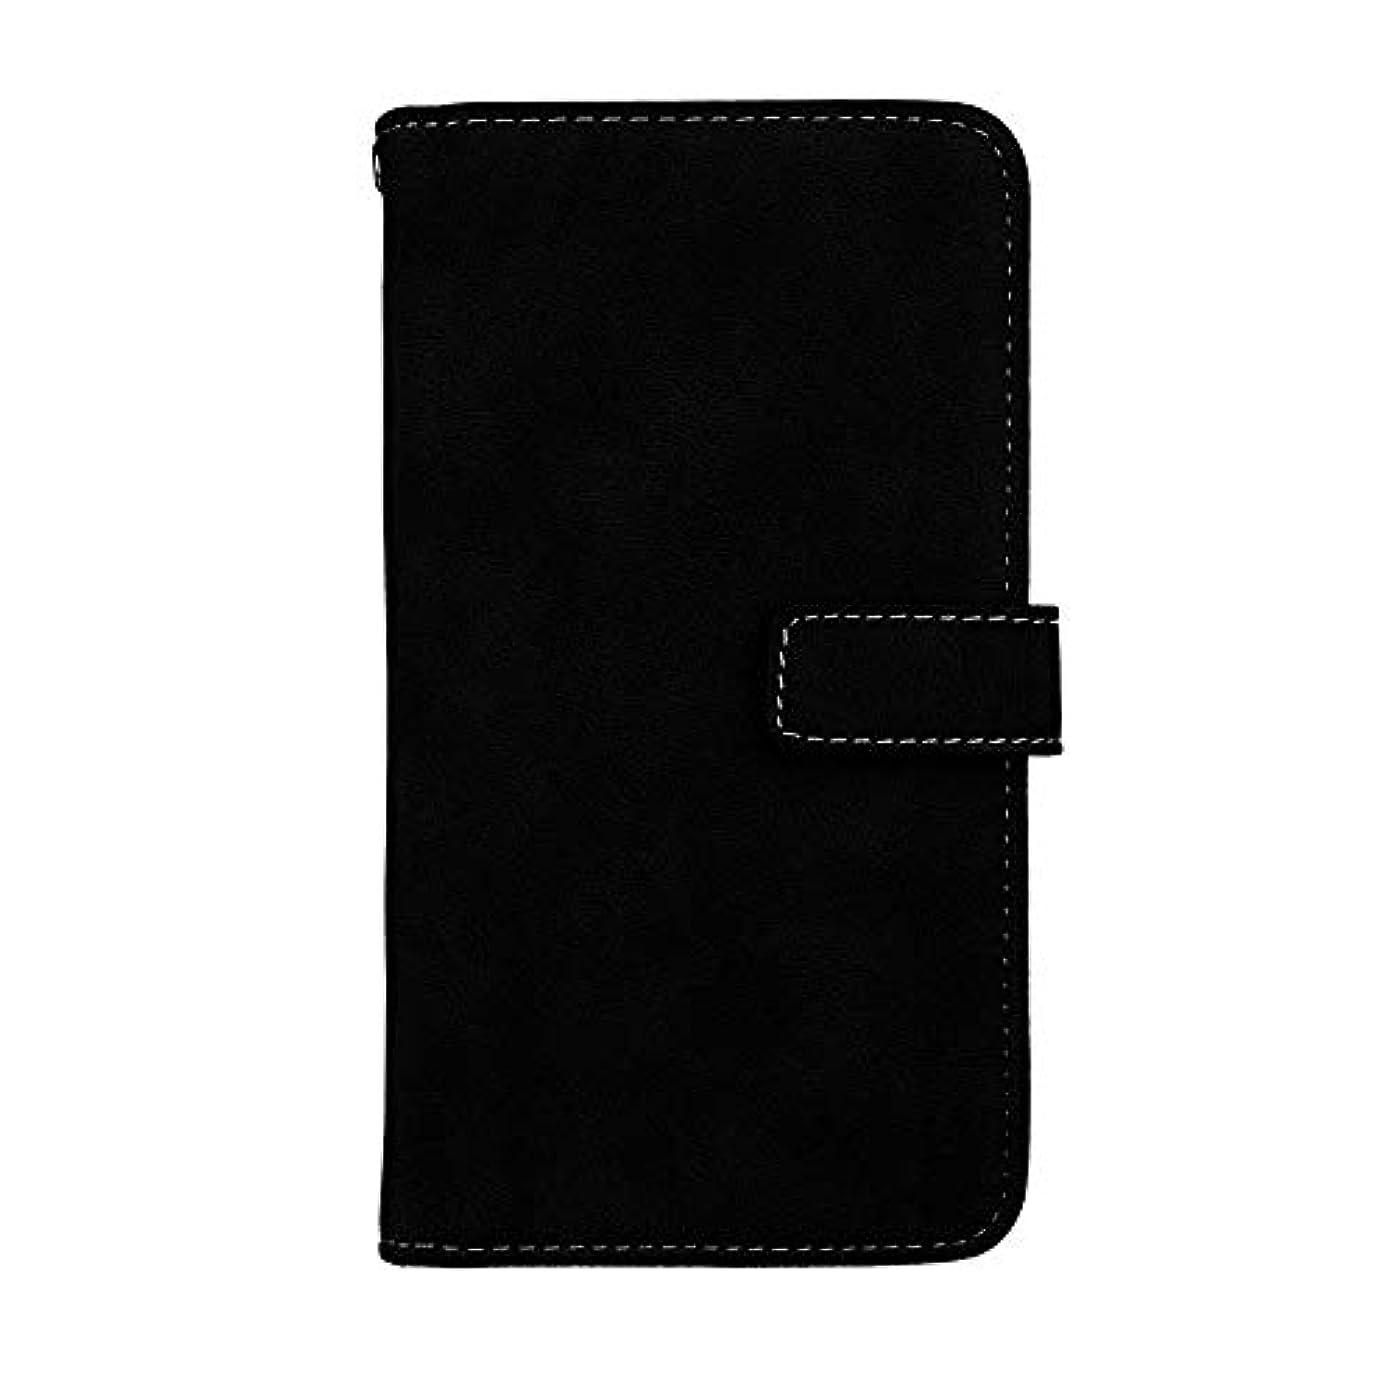 コンパクト柔らかい借りているXiaomi Redmi Note 4X 高品質 マグネット ケース, CUNUS 携帯電話 ケース 軽量 柔軟 高品質 耐摩擦 カード収納 カバー Xiaomi Redmi Note 4X 用, ブラック